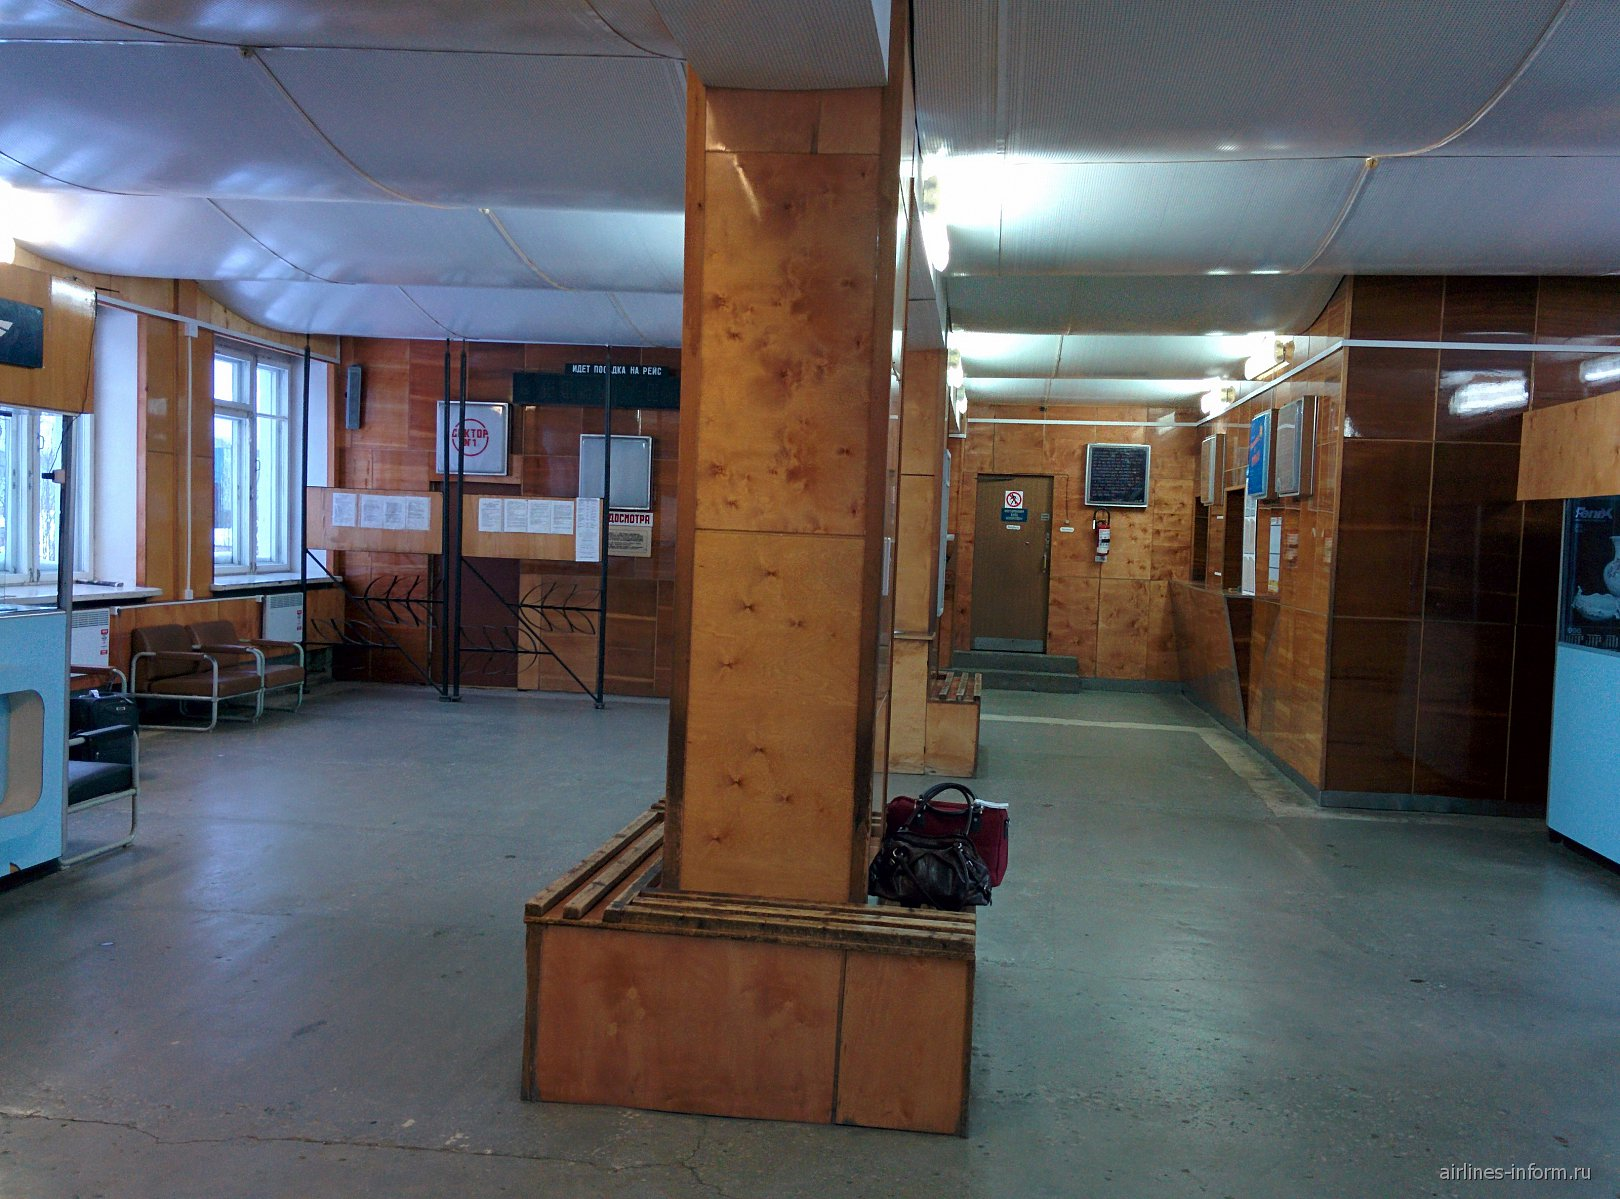 В аэровокзале аэропорта Котлас